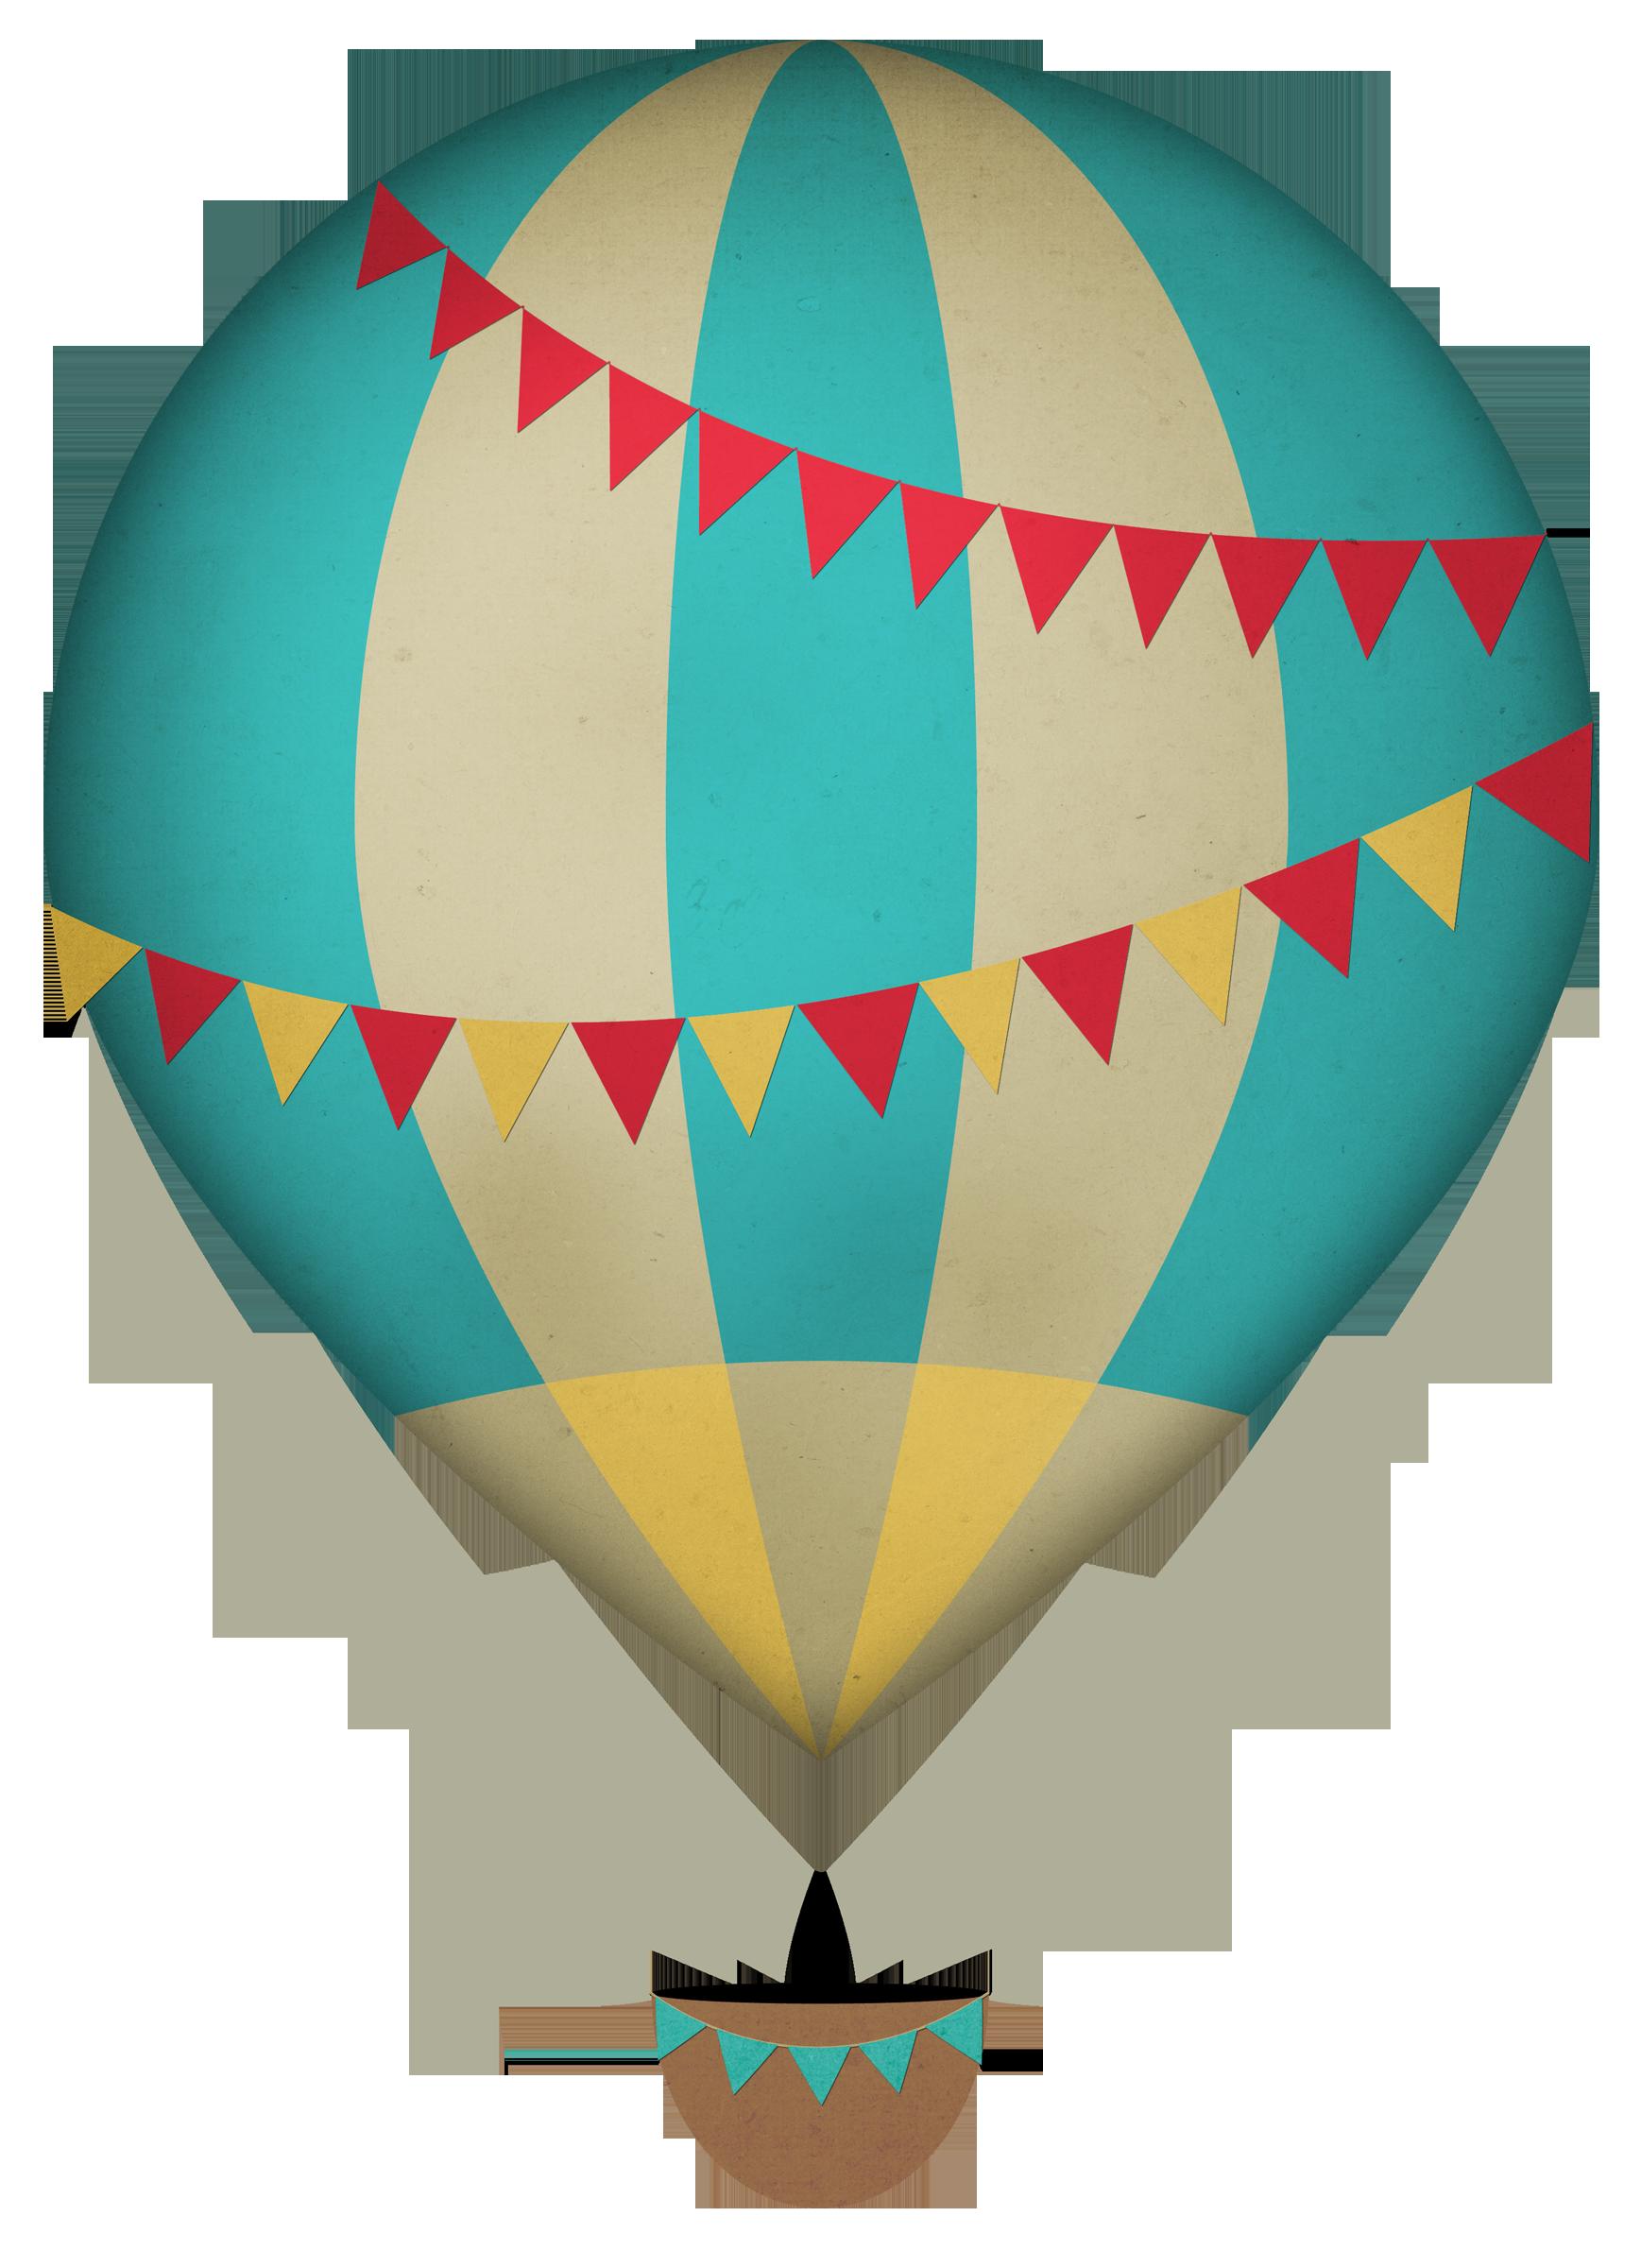 Steampunk clipart hot air balloon. Pin by bil erca